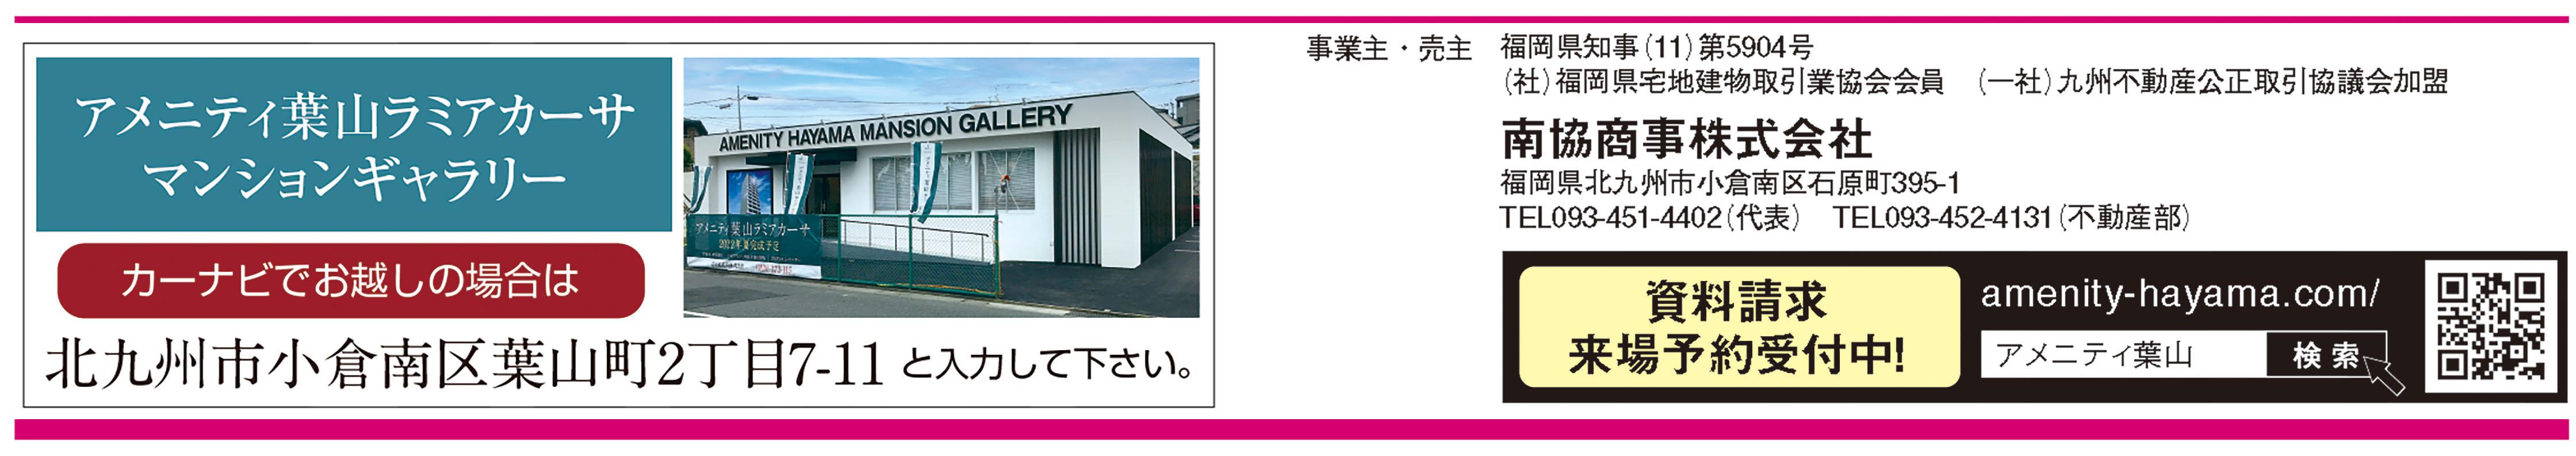 葉山6.jpg